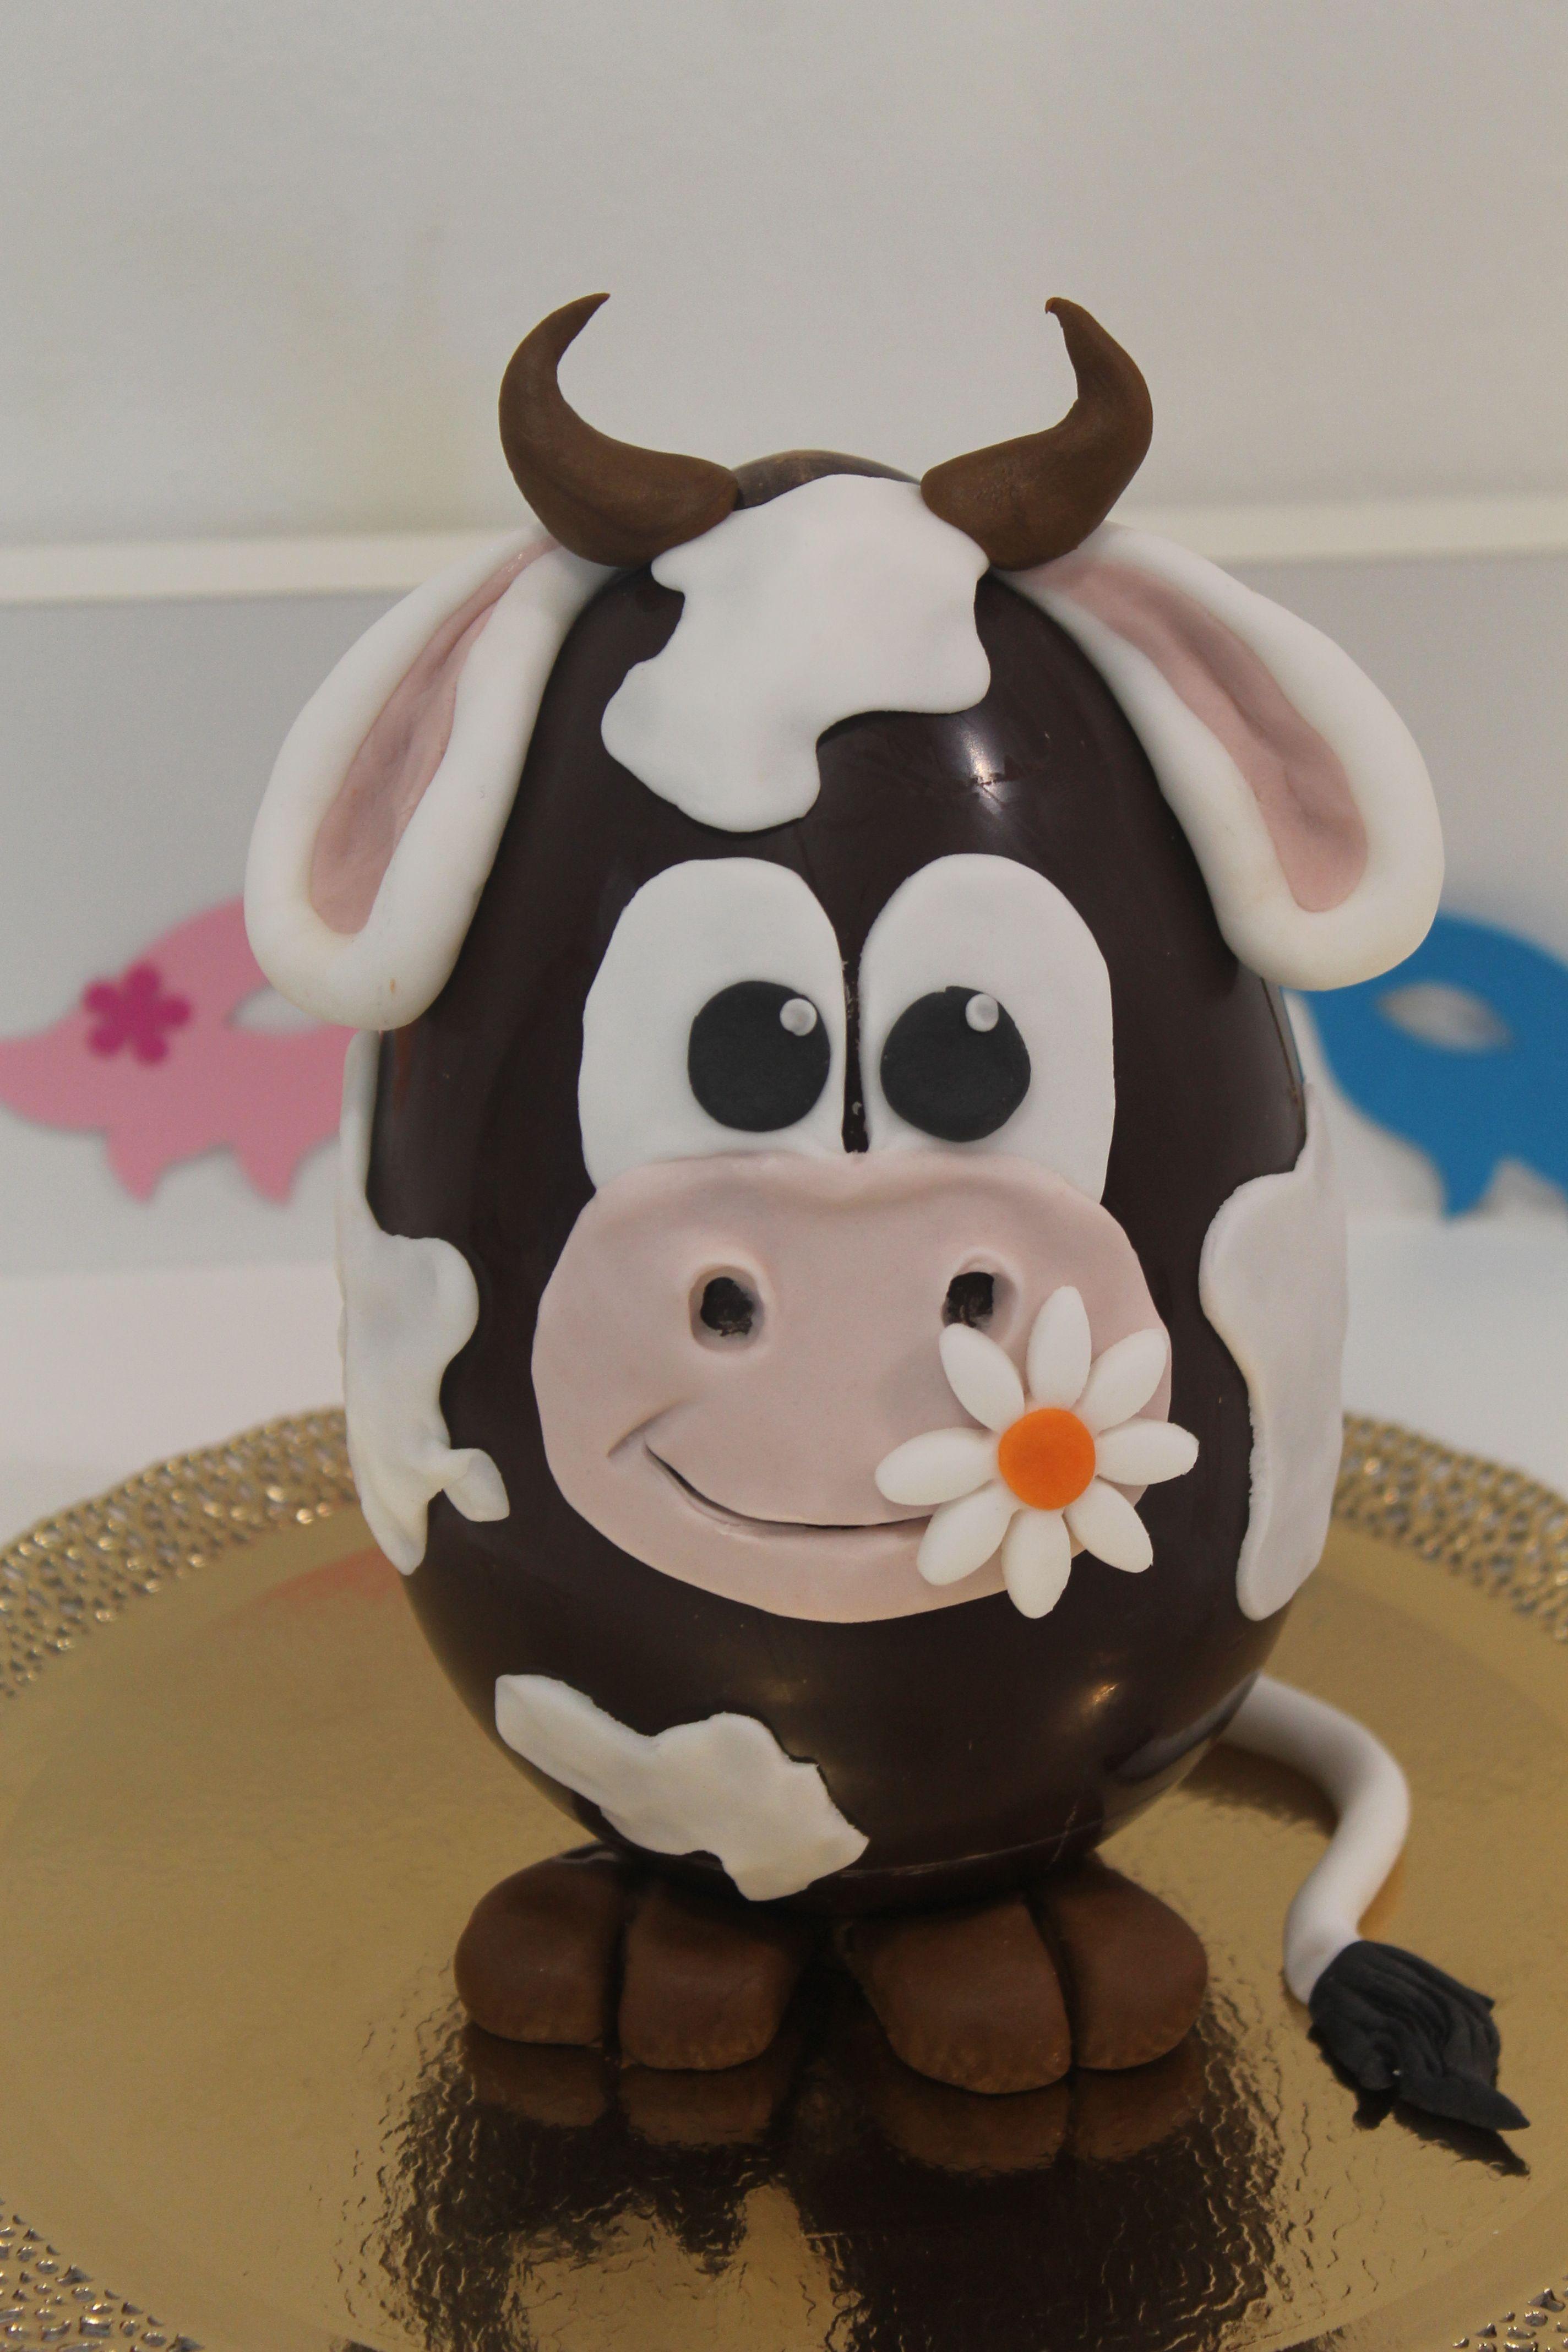 Uovo decorato mucca uova di pasqua brescia pinterest - Uova di pasqua decorati ...